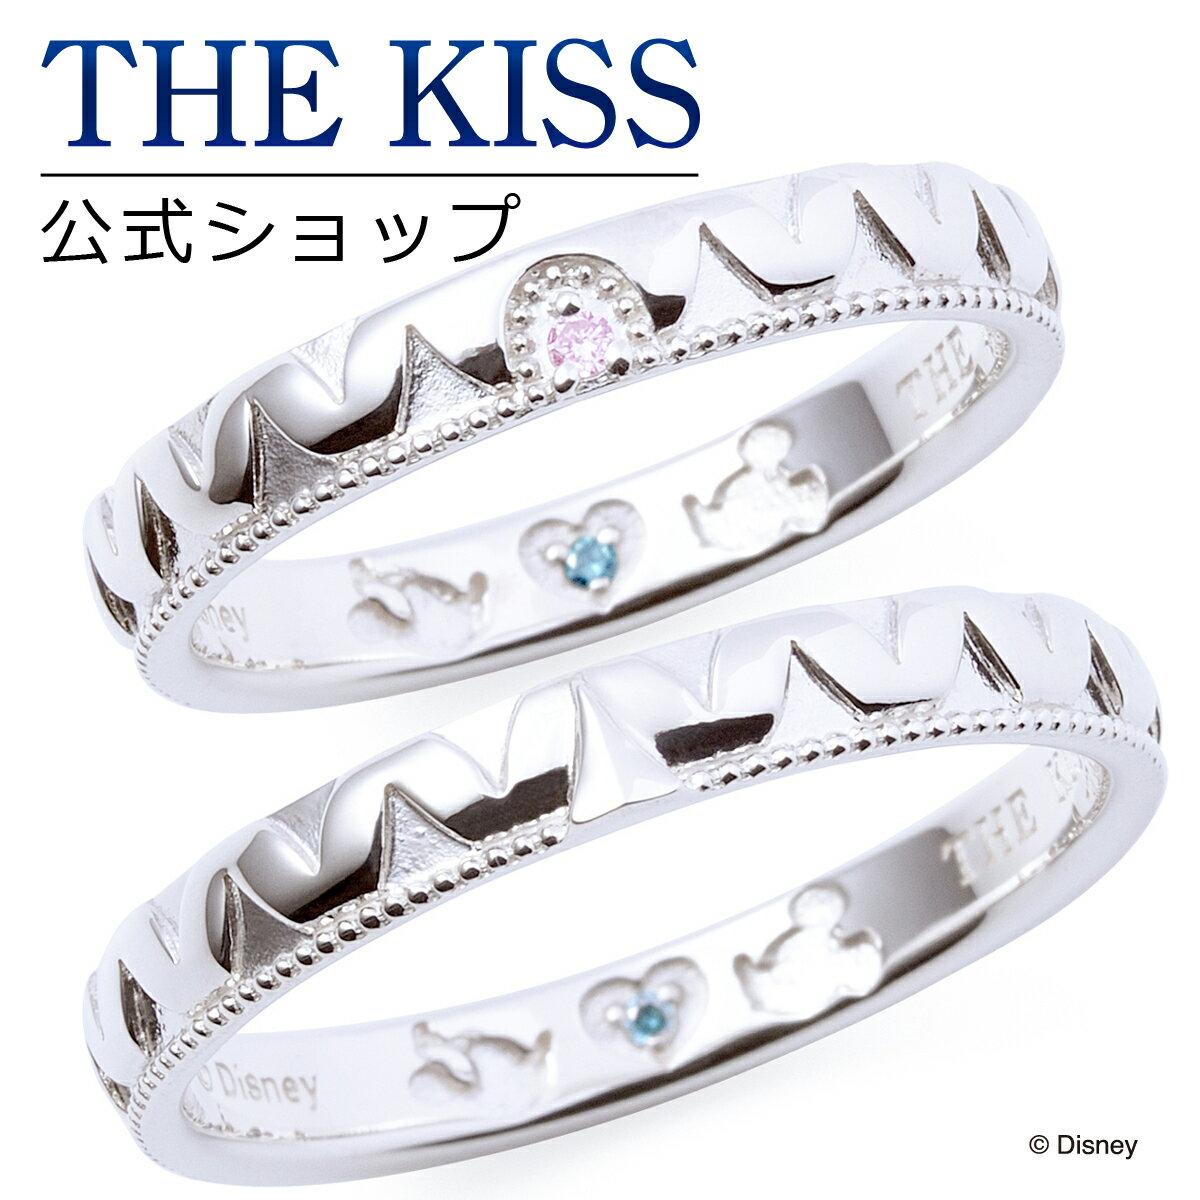 【あす楽対応】【ディズニーコレクション】 ディズニー / ペアリング / ミッキーマウス & ミニーマウス / THE KISS リング・指輪 シルバー DI-SR1829PDM-1830BDM セット シンプル ザキス 【送料無料】